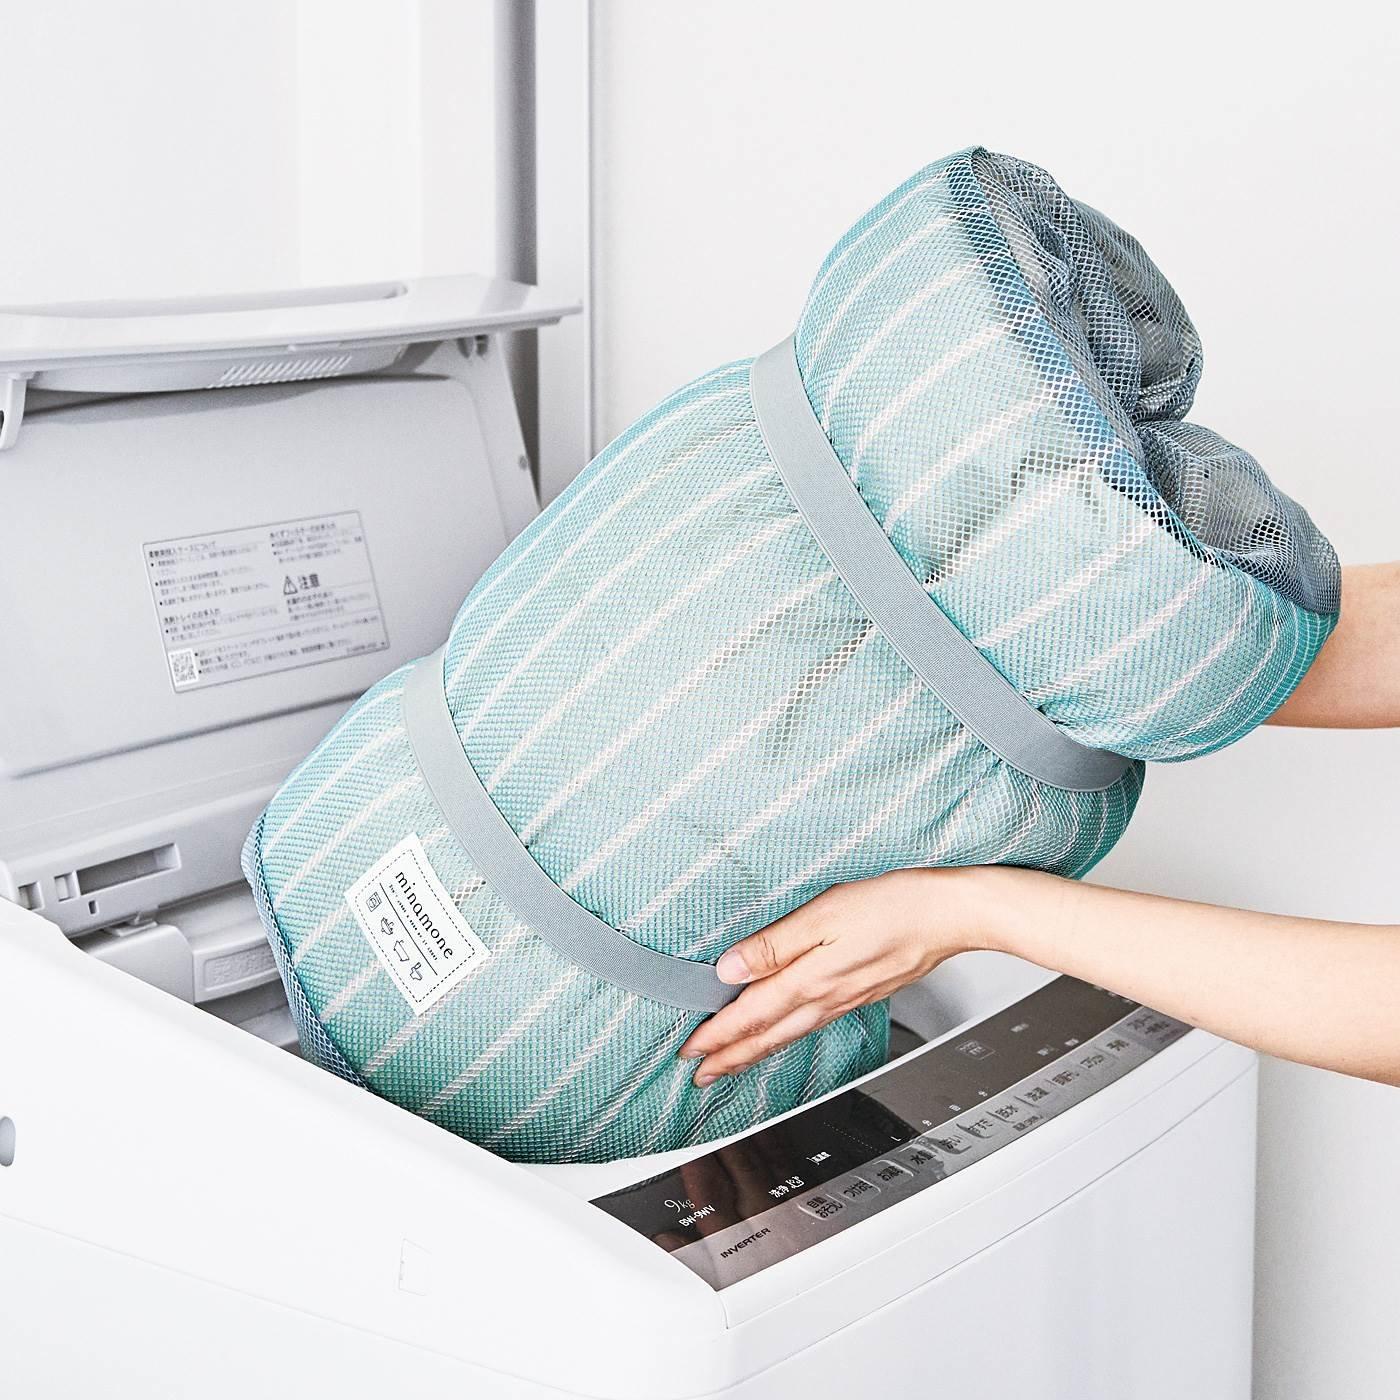 かぶせてくるり! 簡単装着 大物洗いが楽になる 布団洗濯ネットの会